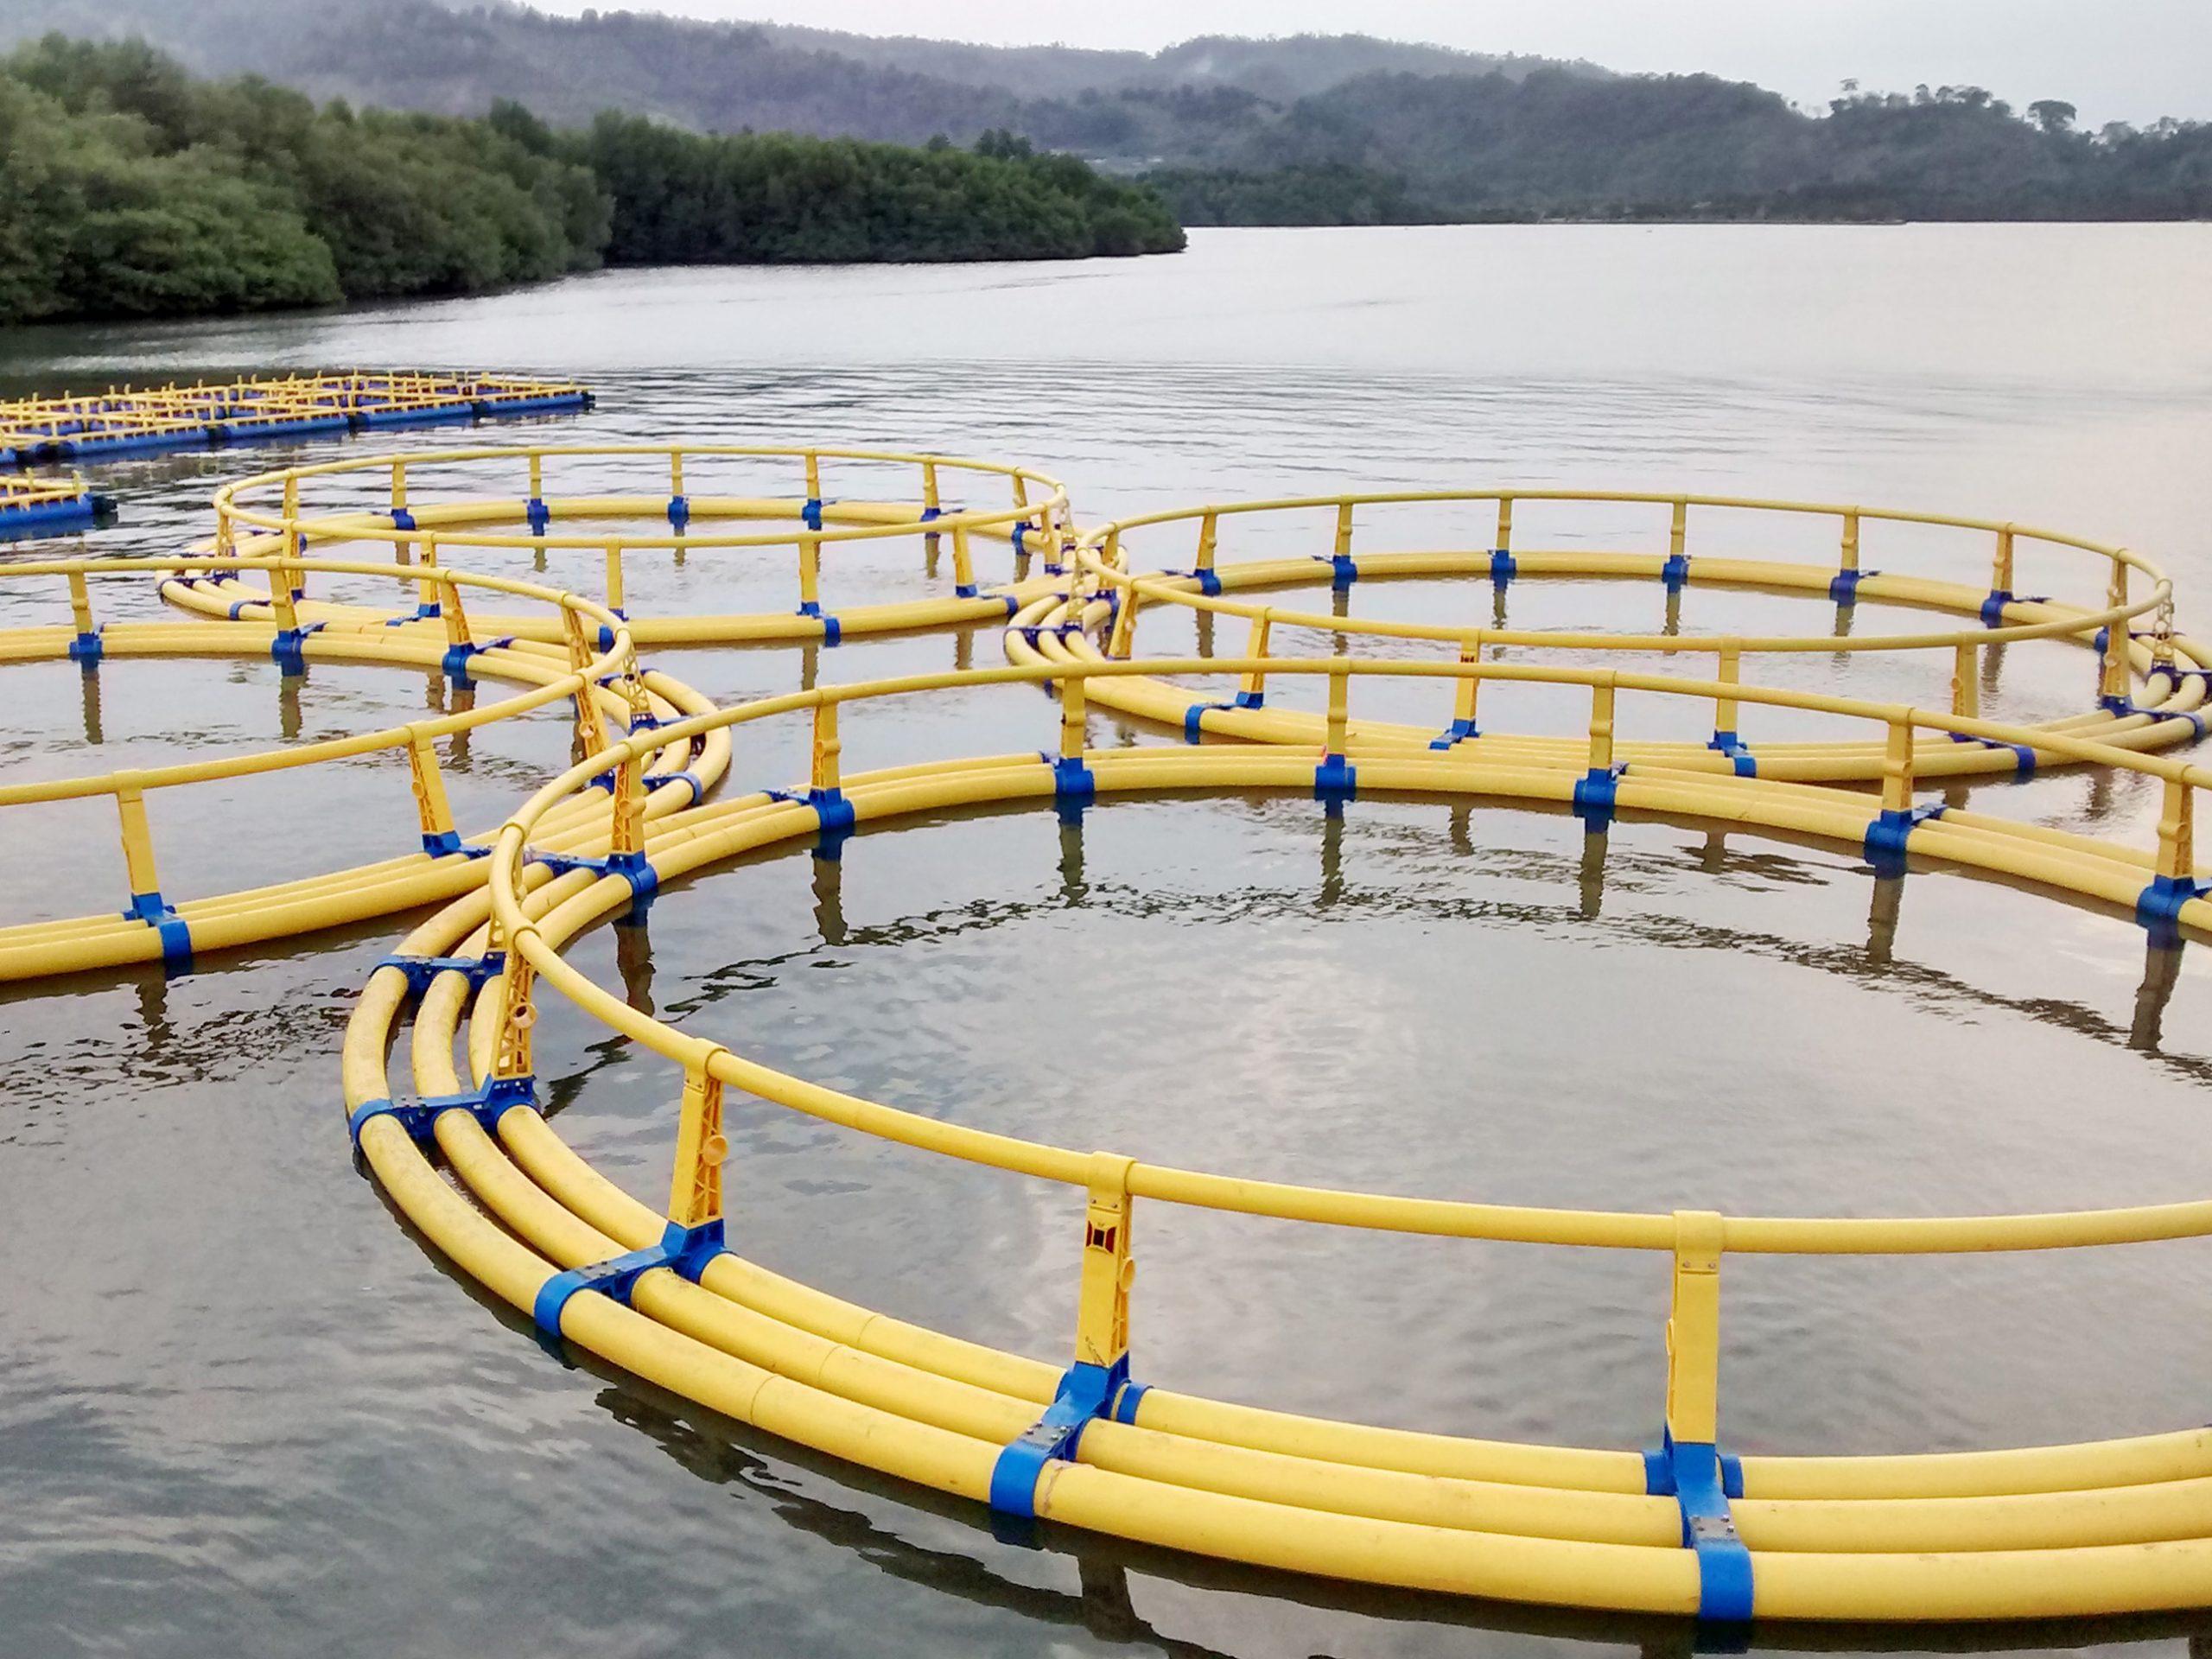 Mengenal Keramba Jaring Apung yang Digunakan untuk Budidaya Ikan